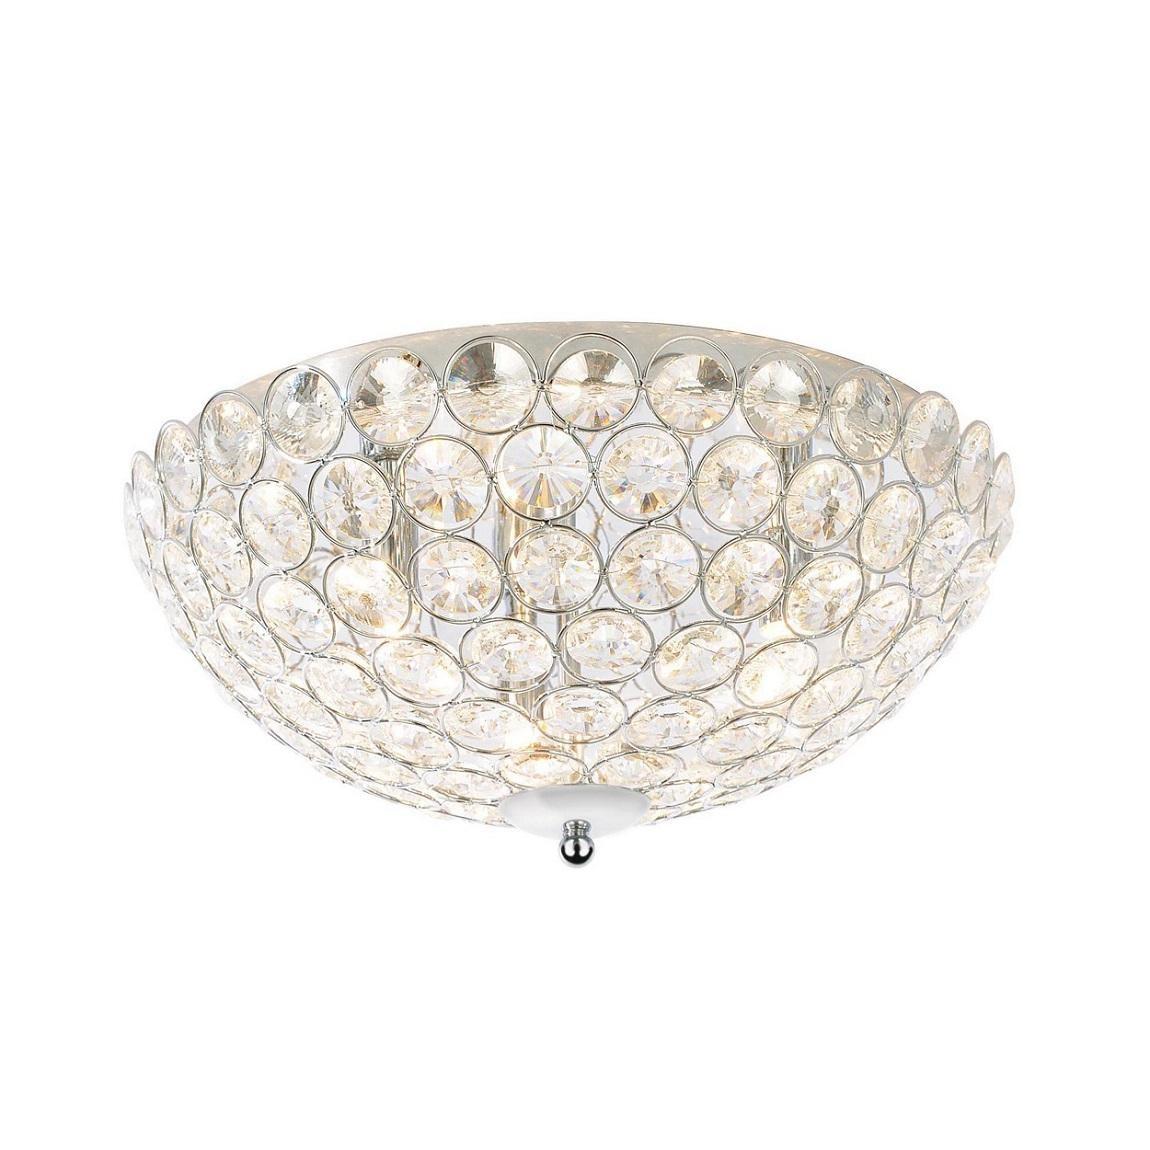 debenhams-ava-flush-ceiling-light.jpg